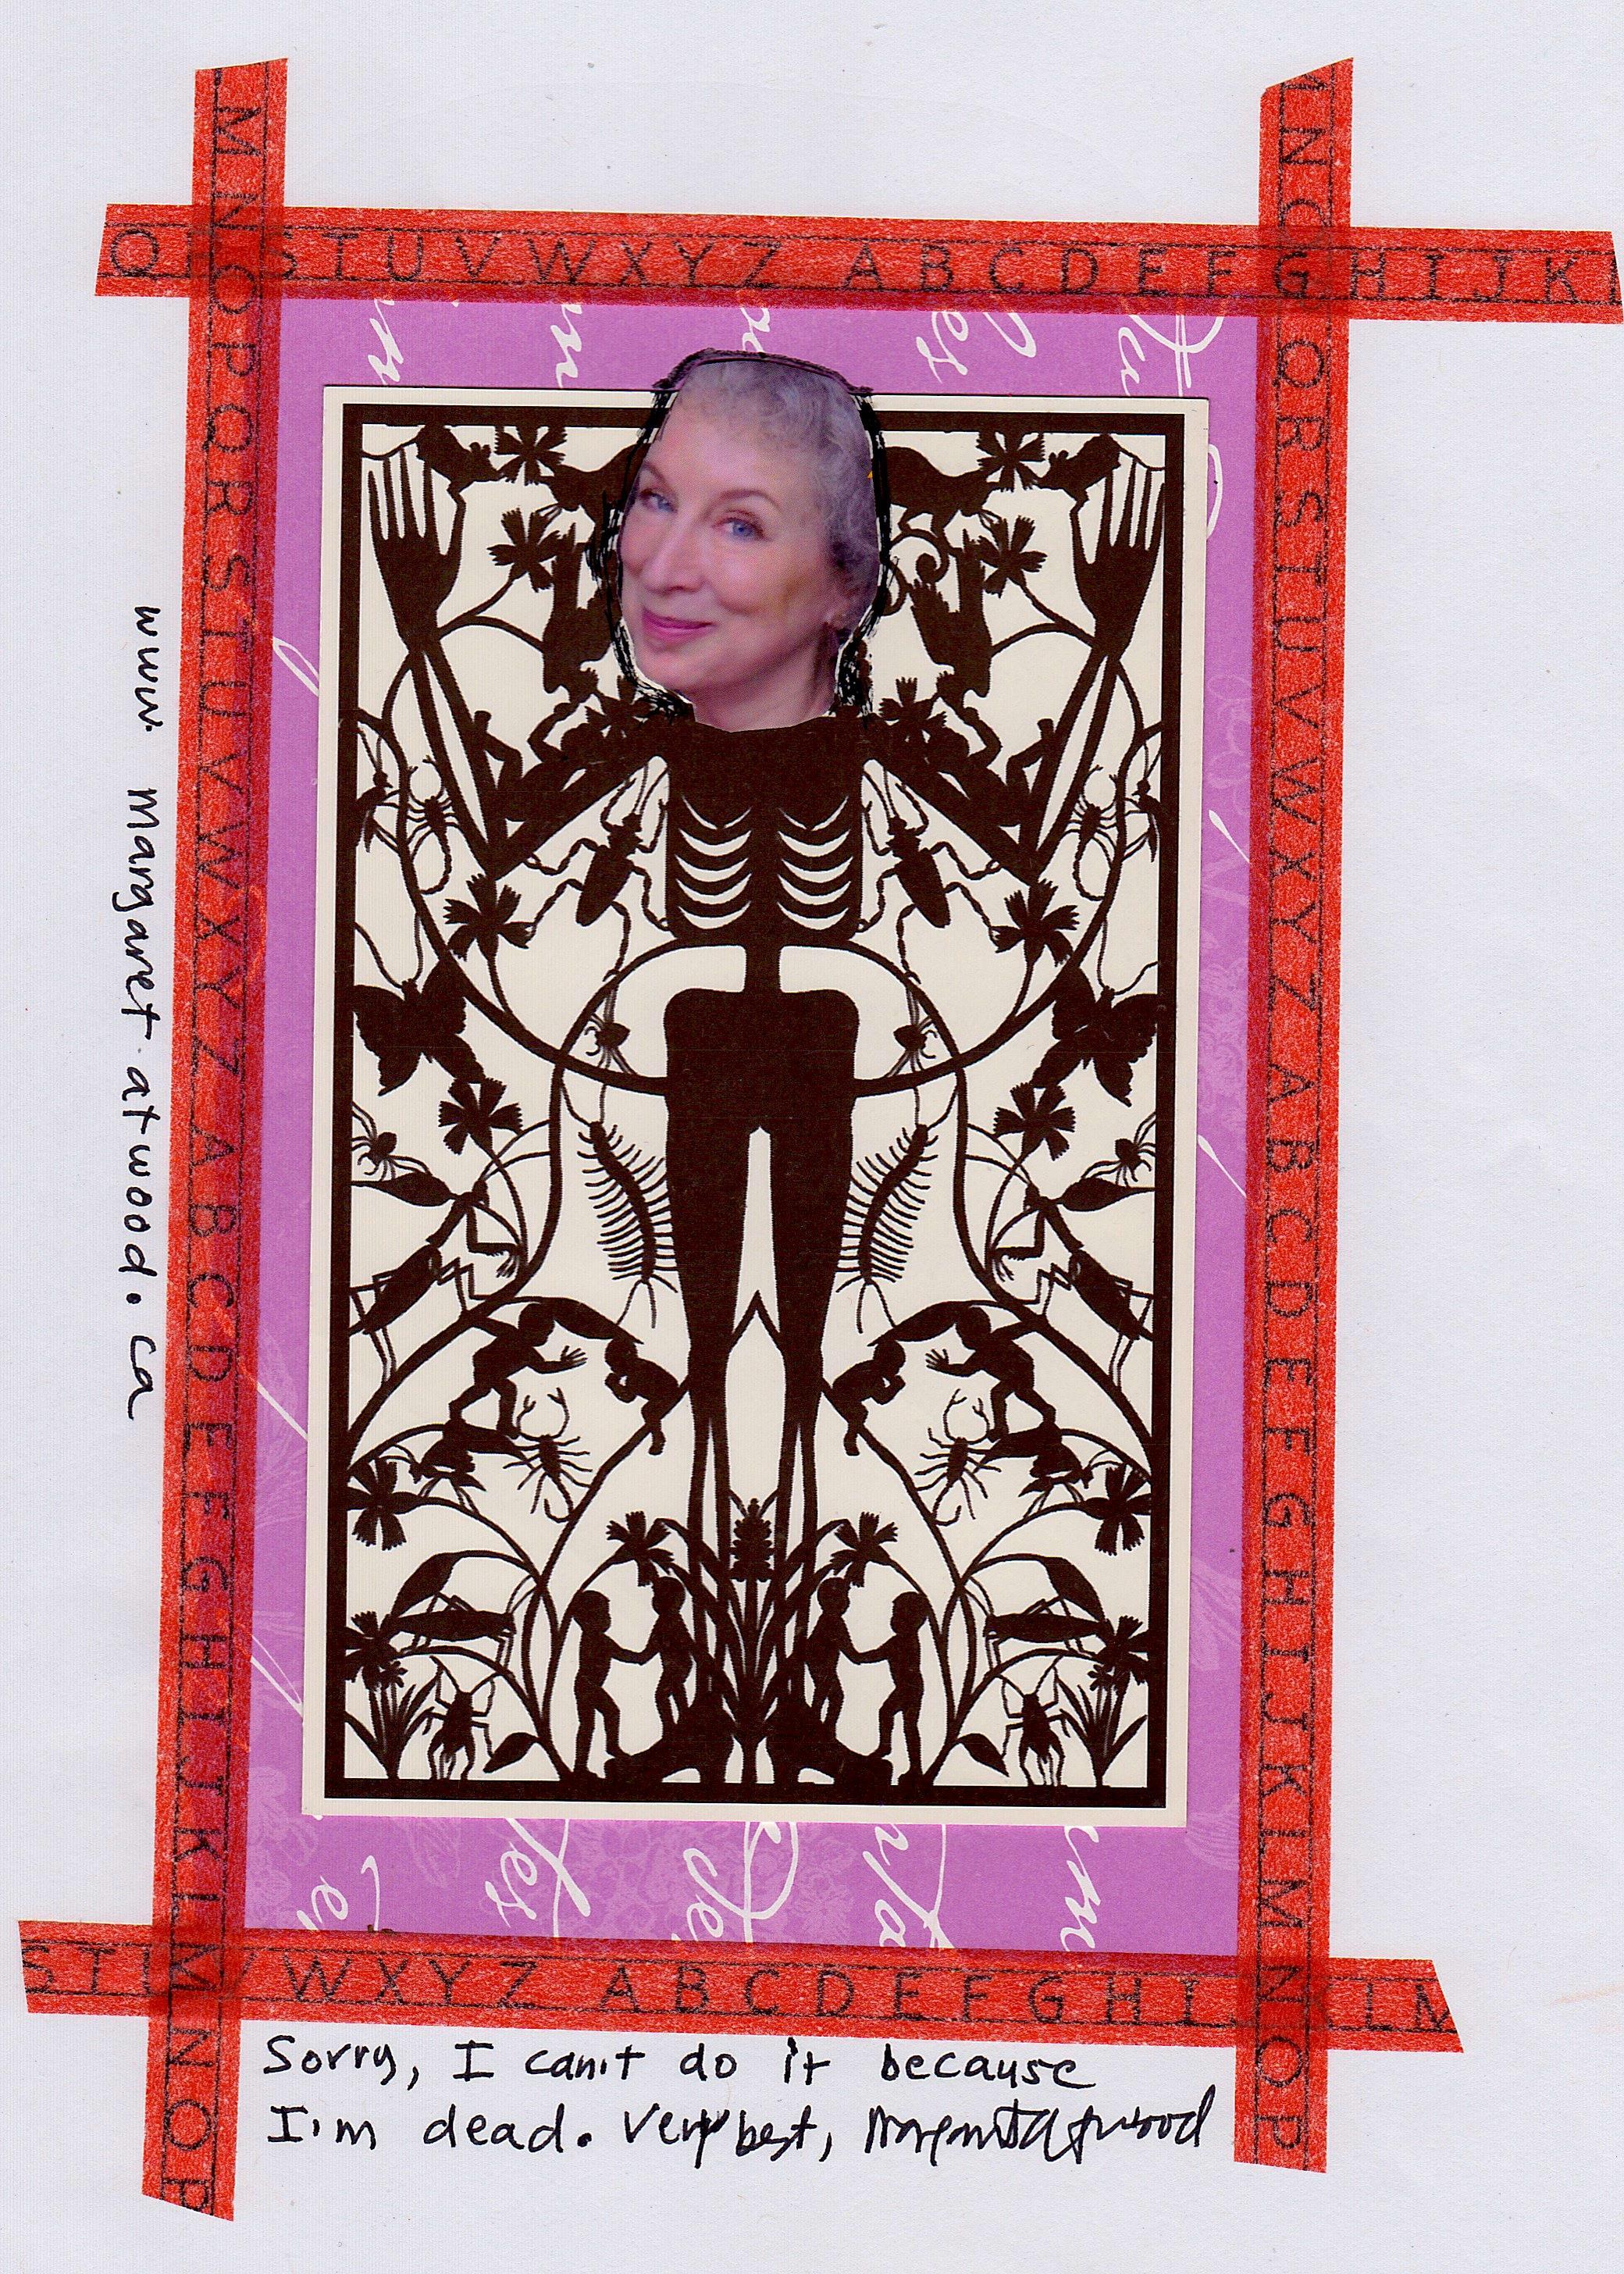 Un autoritratto collage di Margaret Atwood